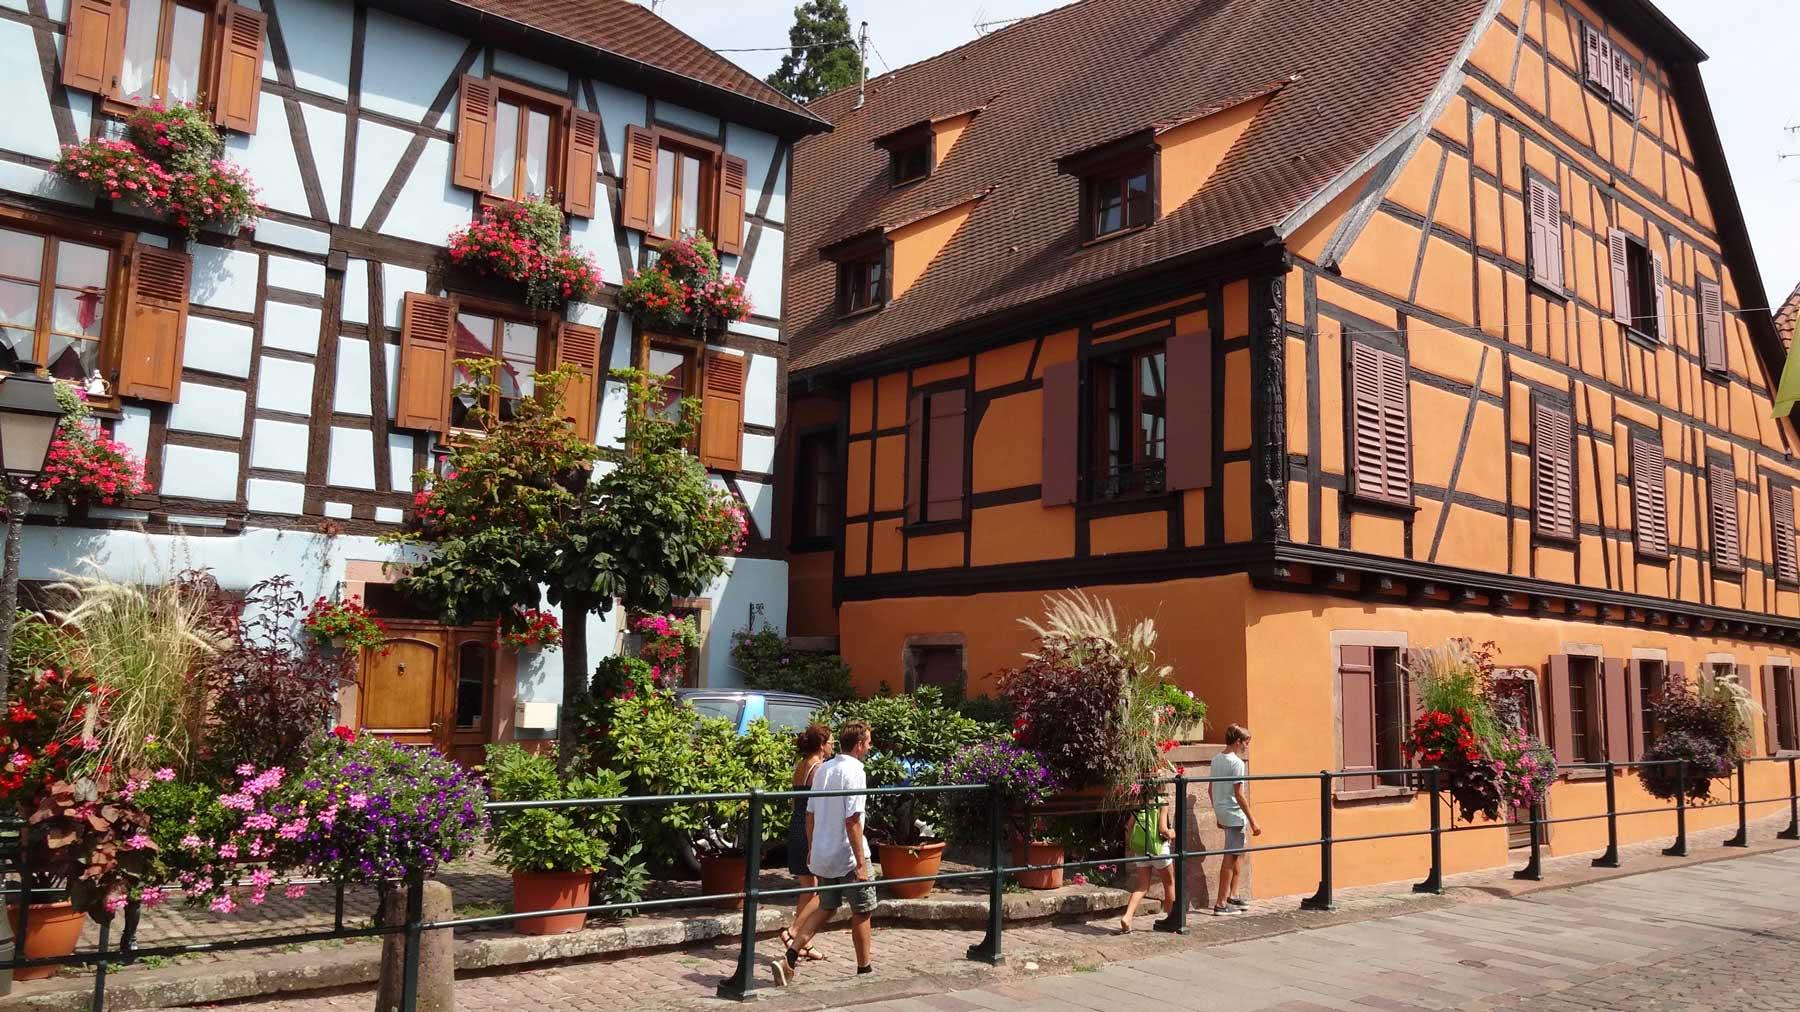 Maison à colombage Ribeauvillé alsace